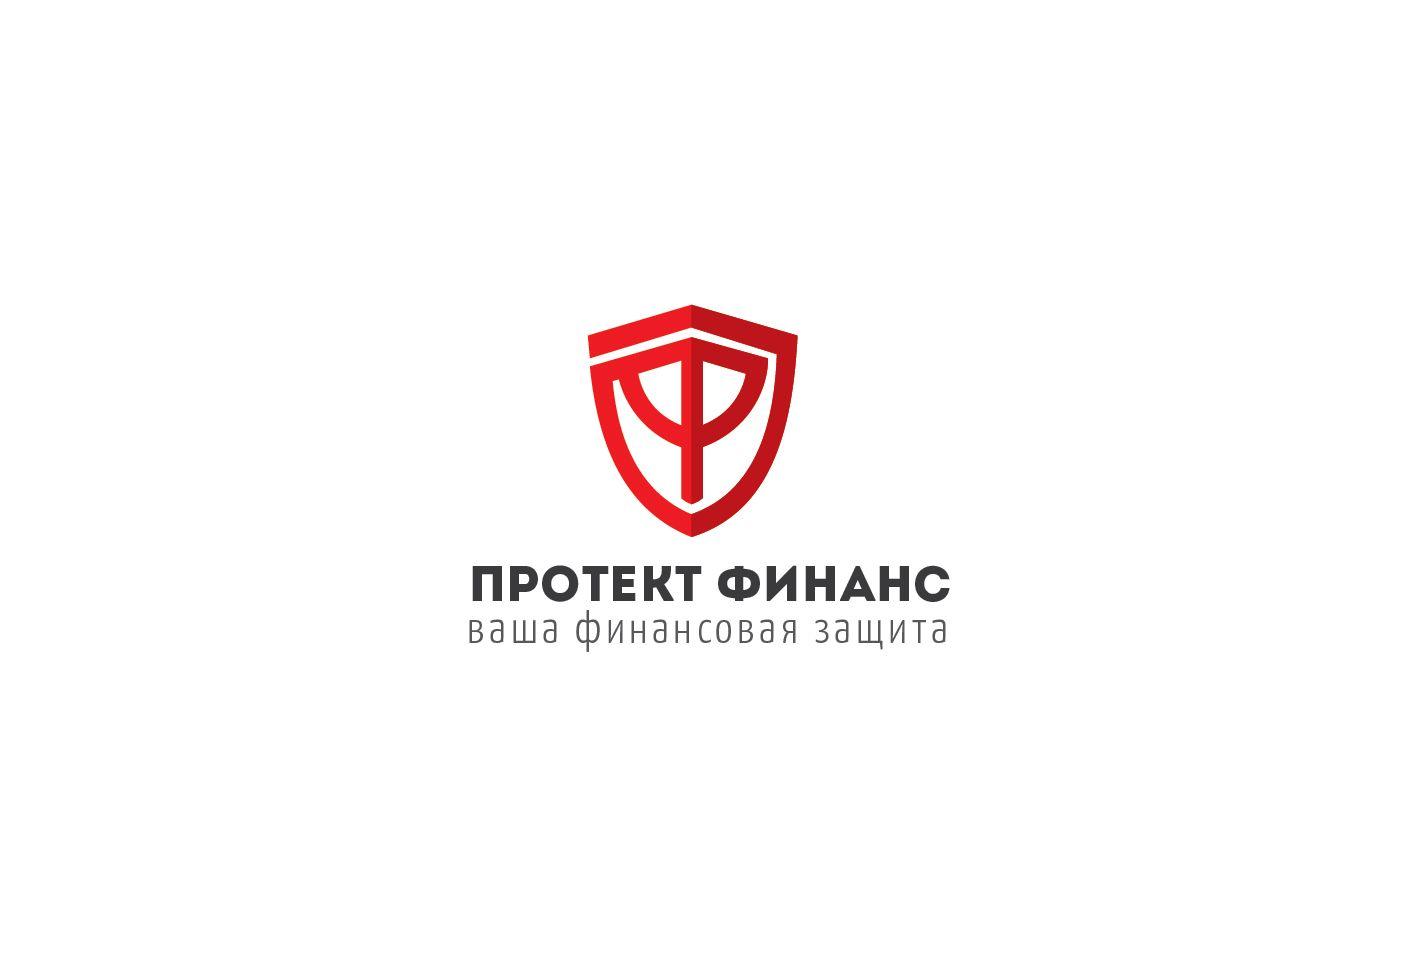 Фирм.стиль для ООО МФО «Протект Финанс» - дизайнер andyul